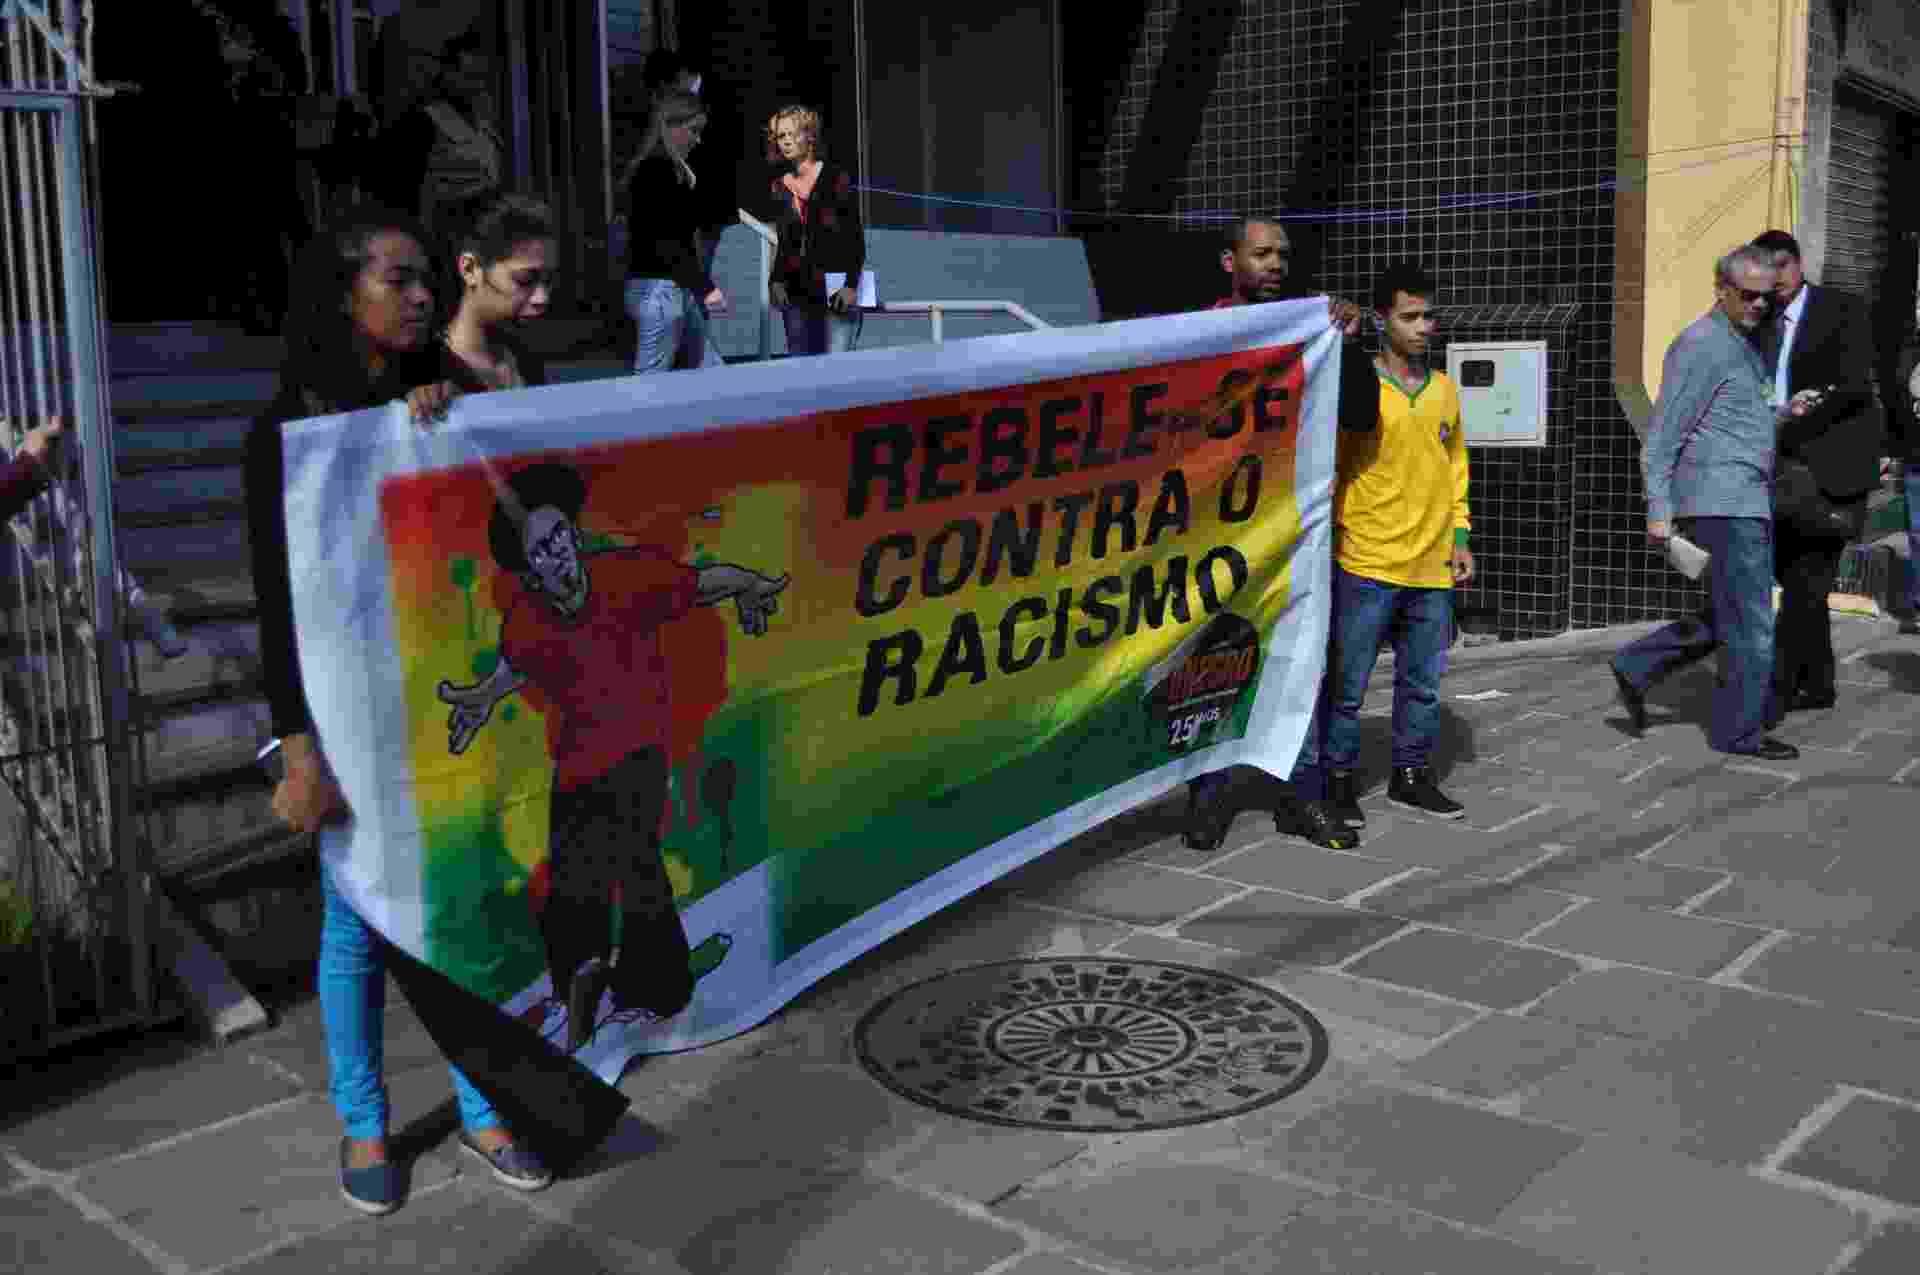 Protesto marca chegada de gremista acusada de racismo - Marinho Saldanha/UOL